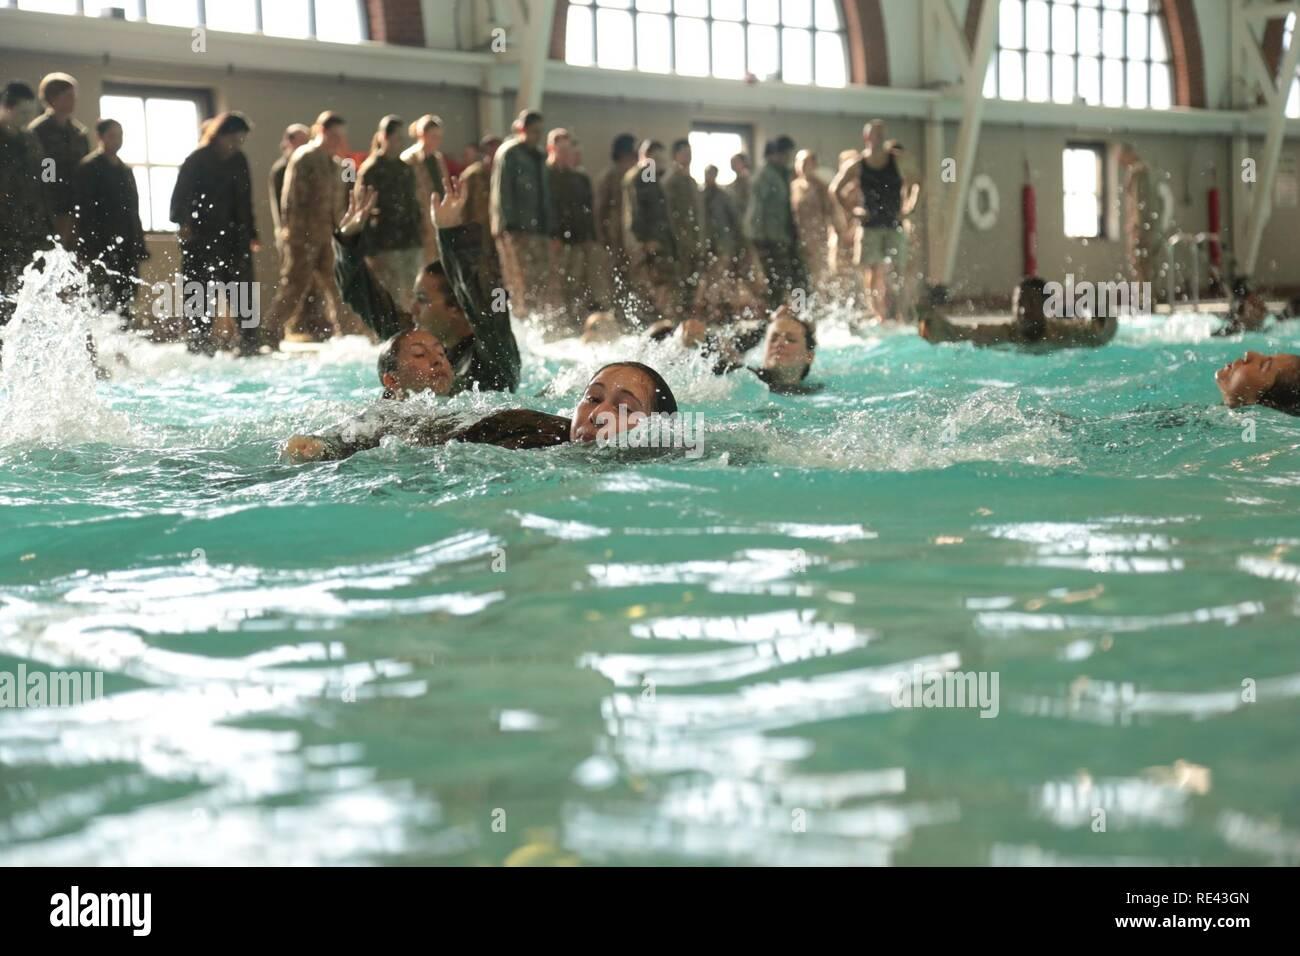 613ca0ba7f 25 Meter Pool Stock Photos & 25 Meter Pool Stock Images - Alamy